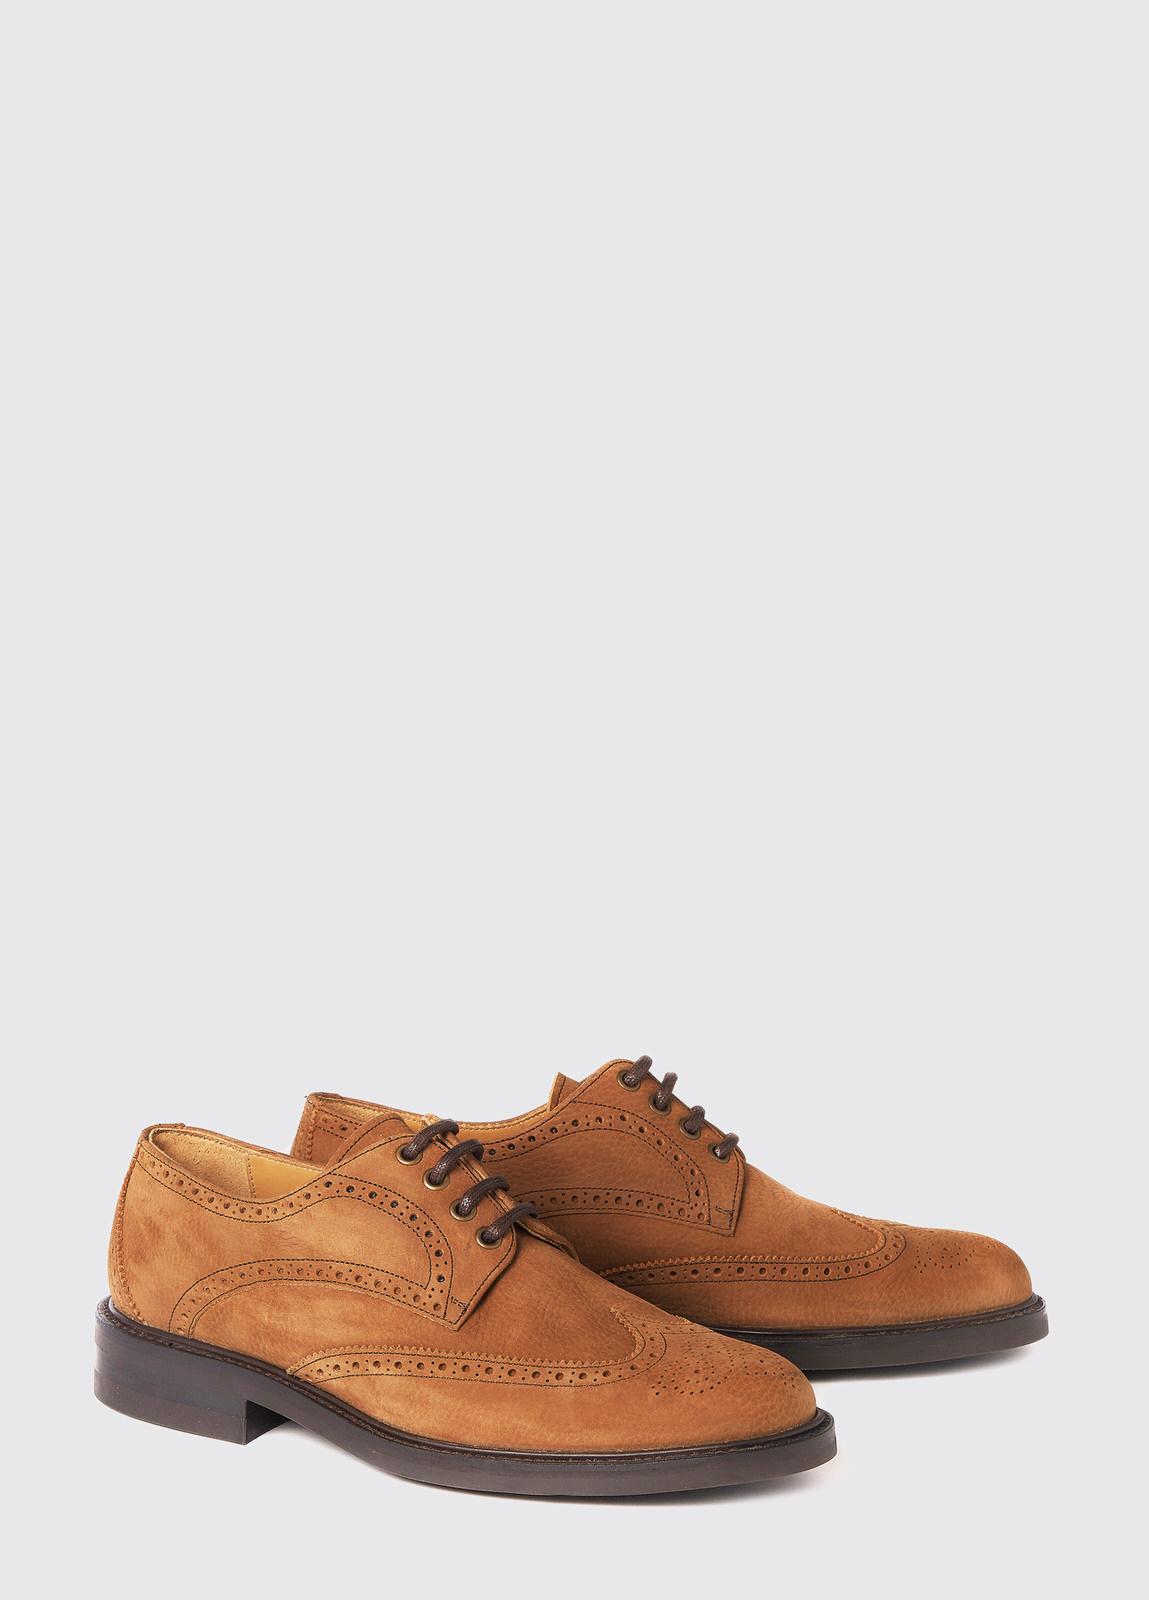 Derry Goodyear Brogue Boot - Brown